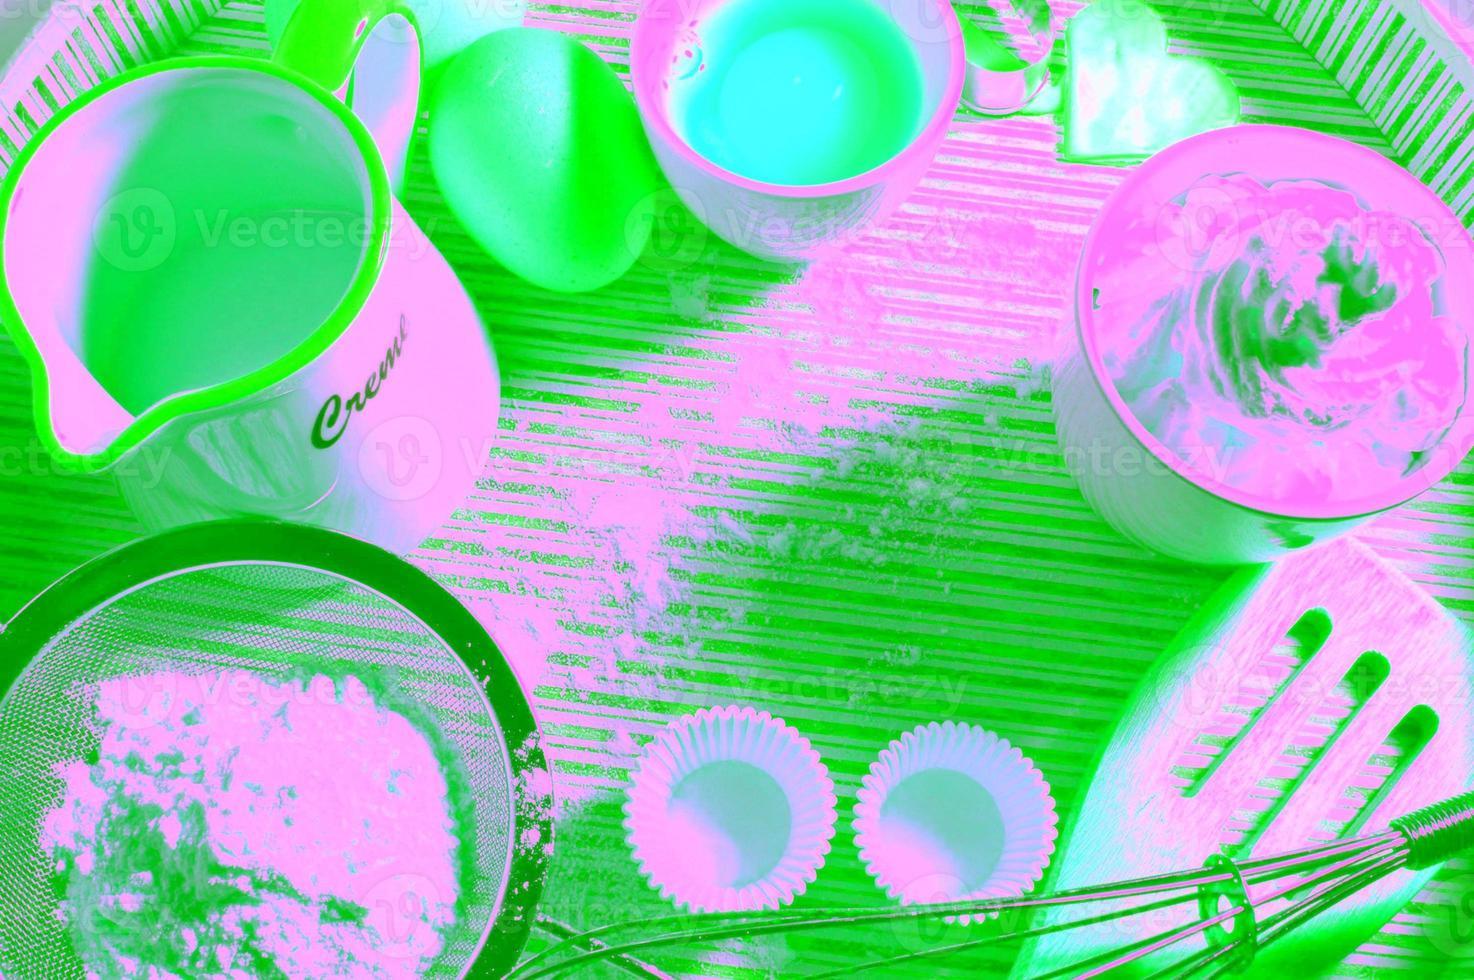 múltiples recipientes con diferentes suministros para hornear en el interior foto